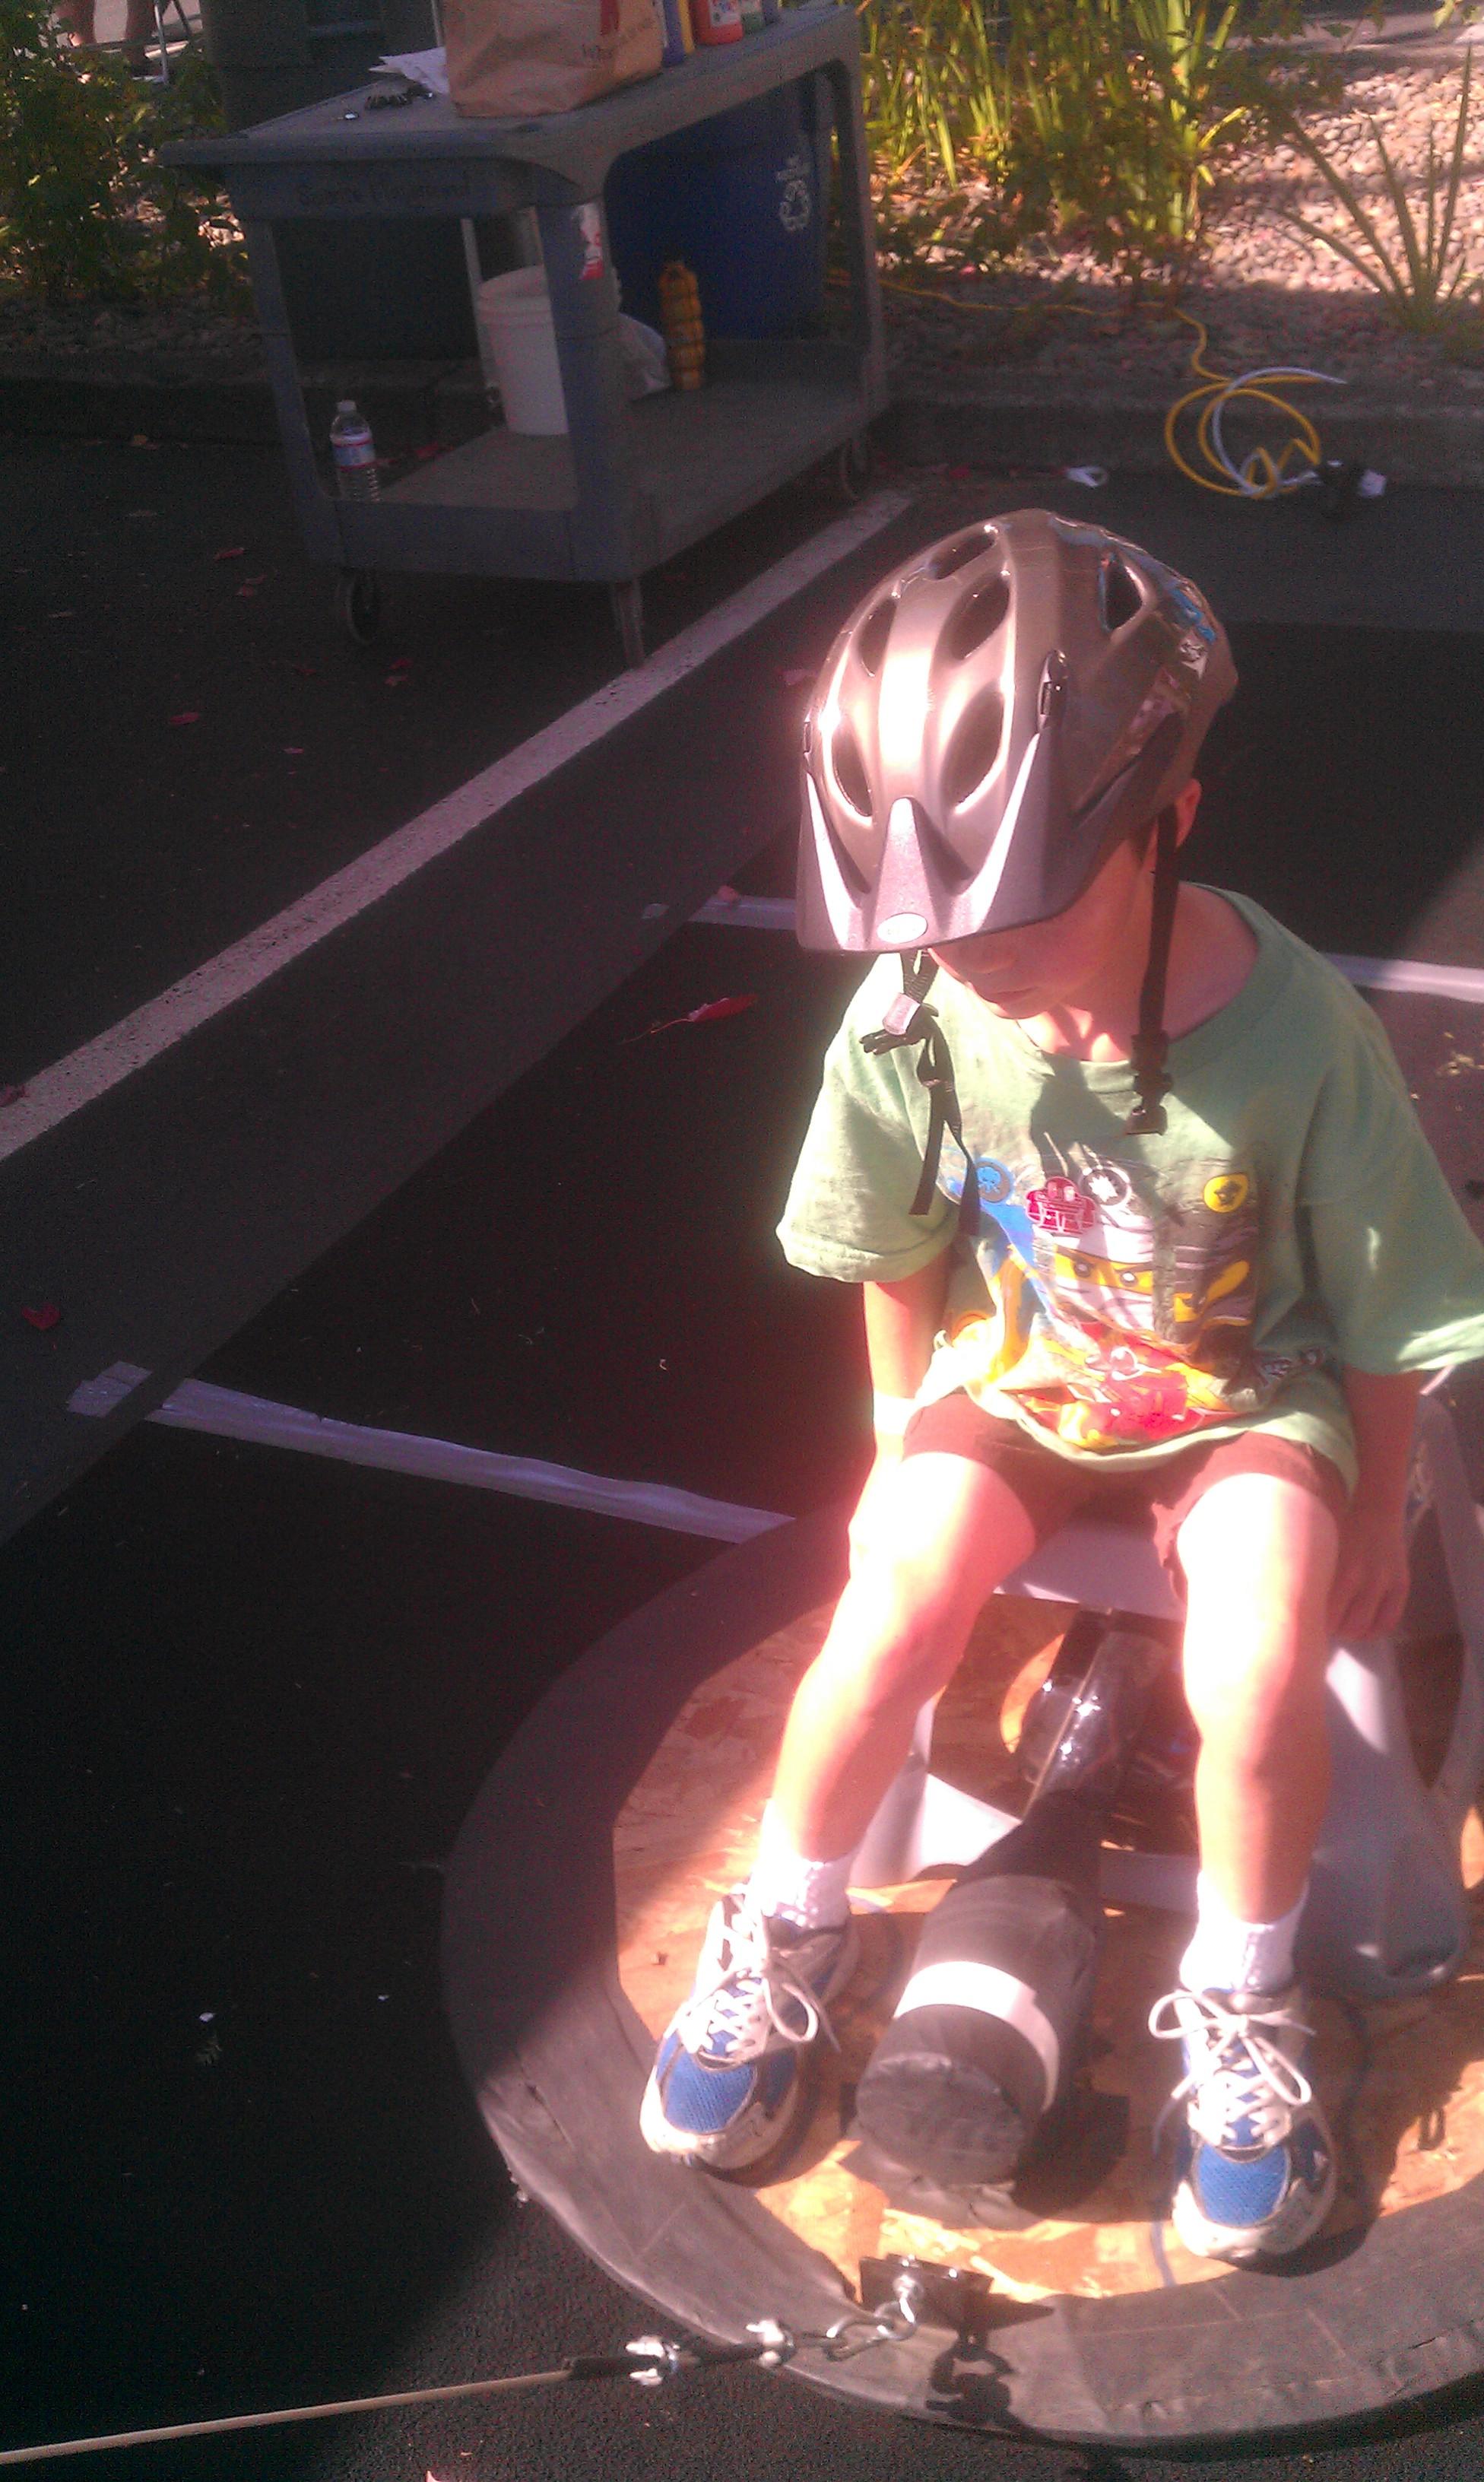 Owen riding the hovercraft